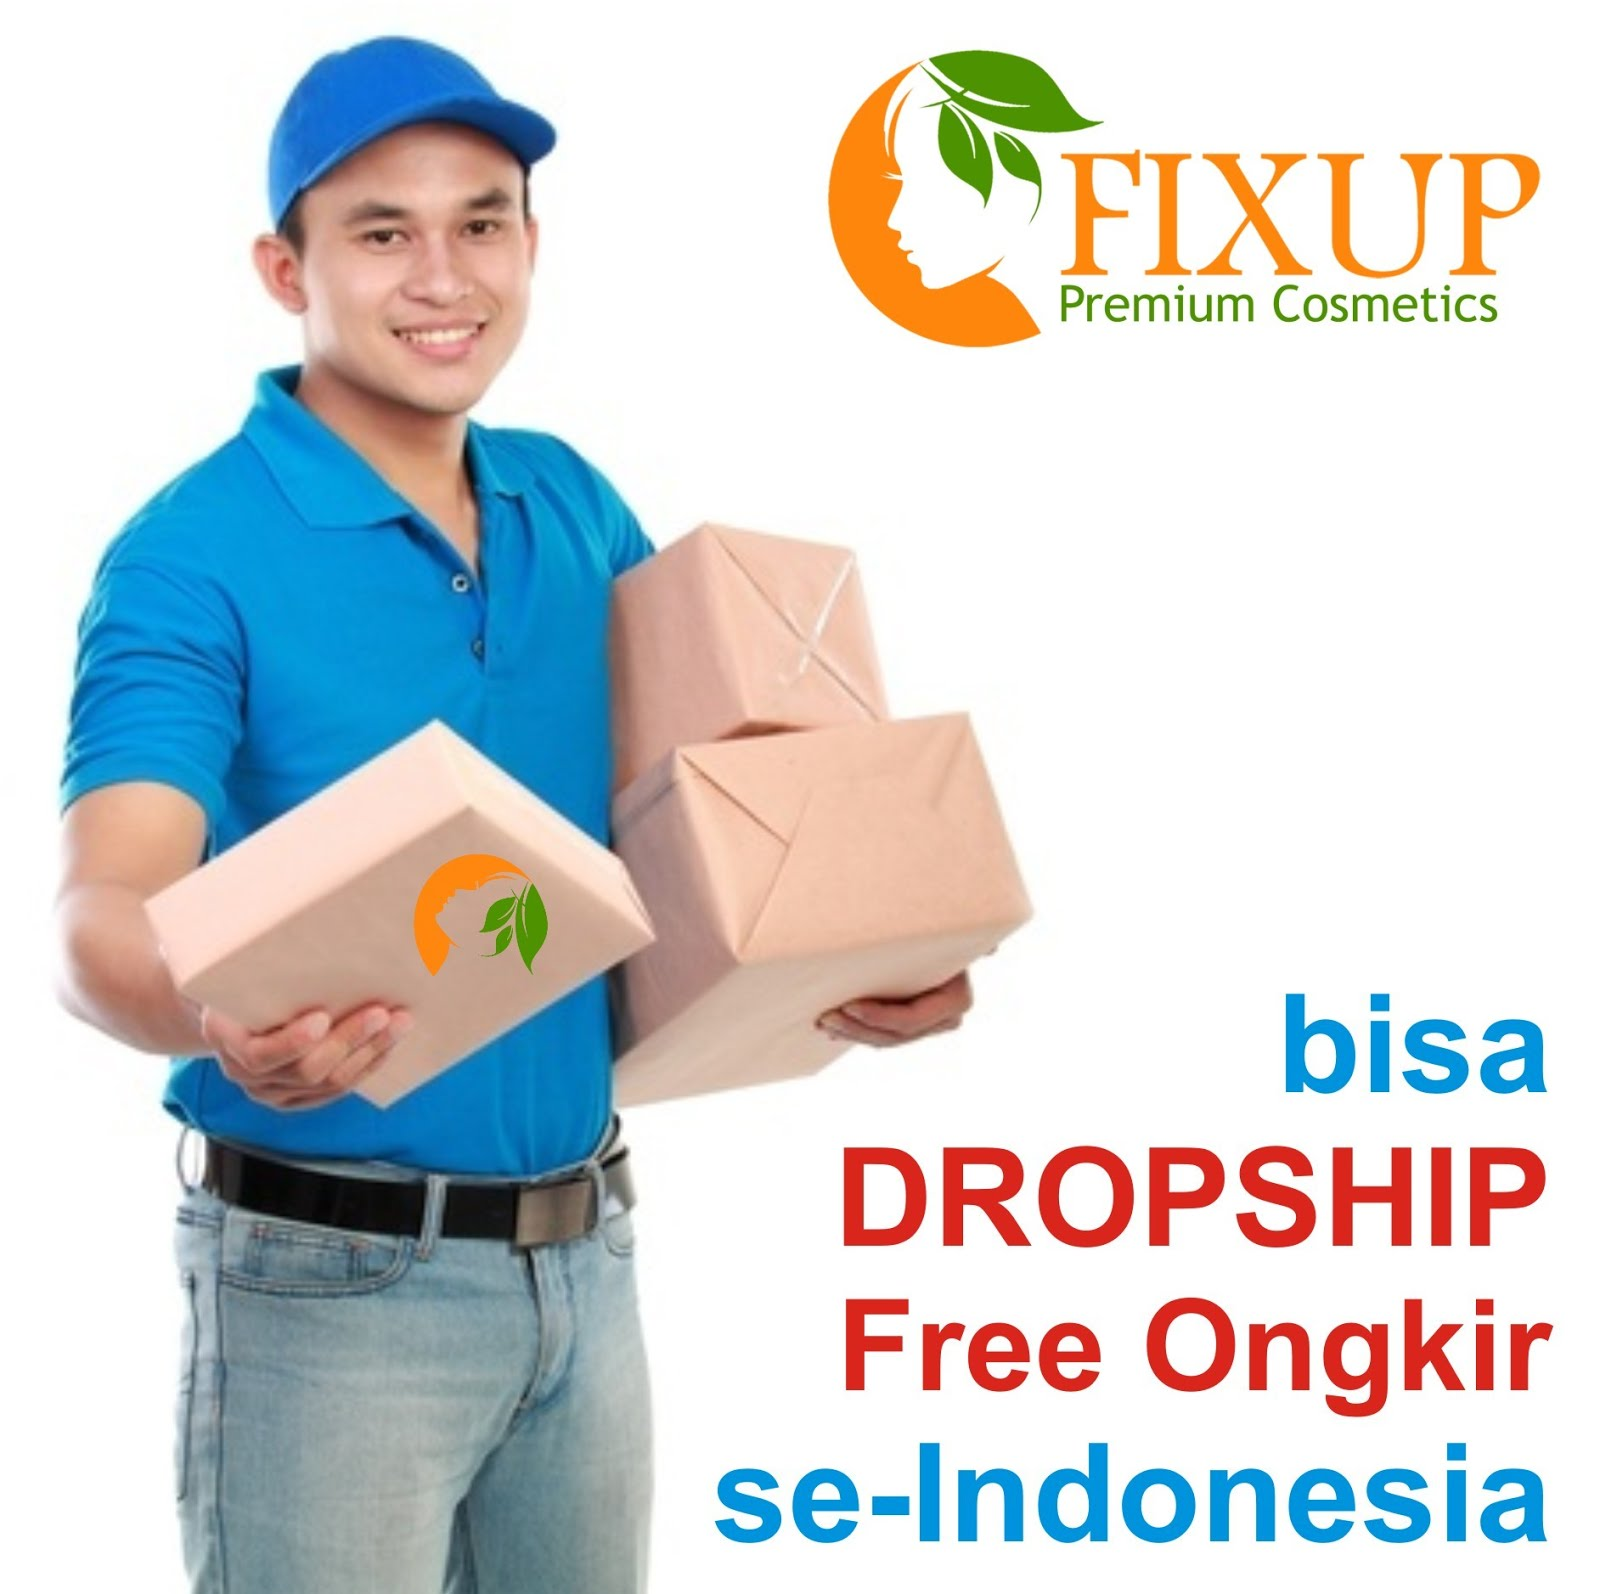 Gratis Dropship Produk Fixup se-Indonesia